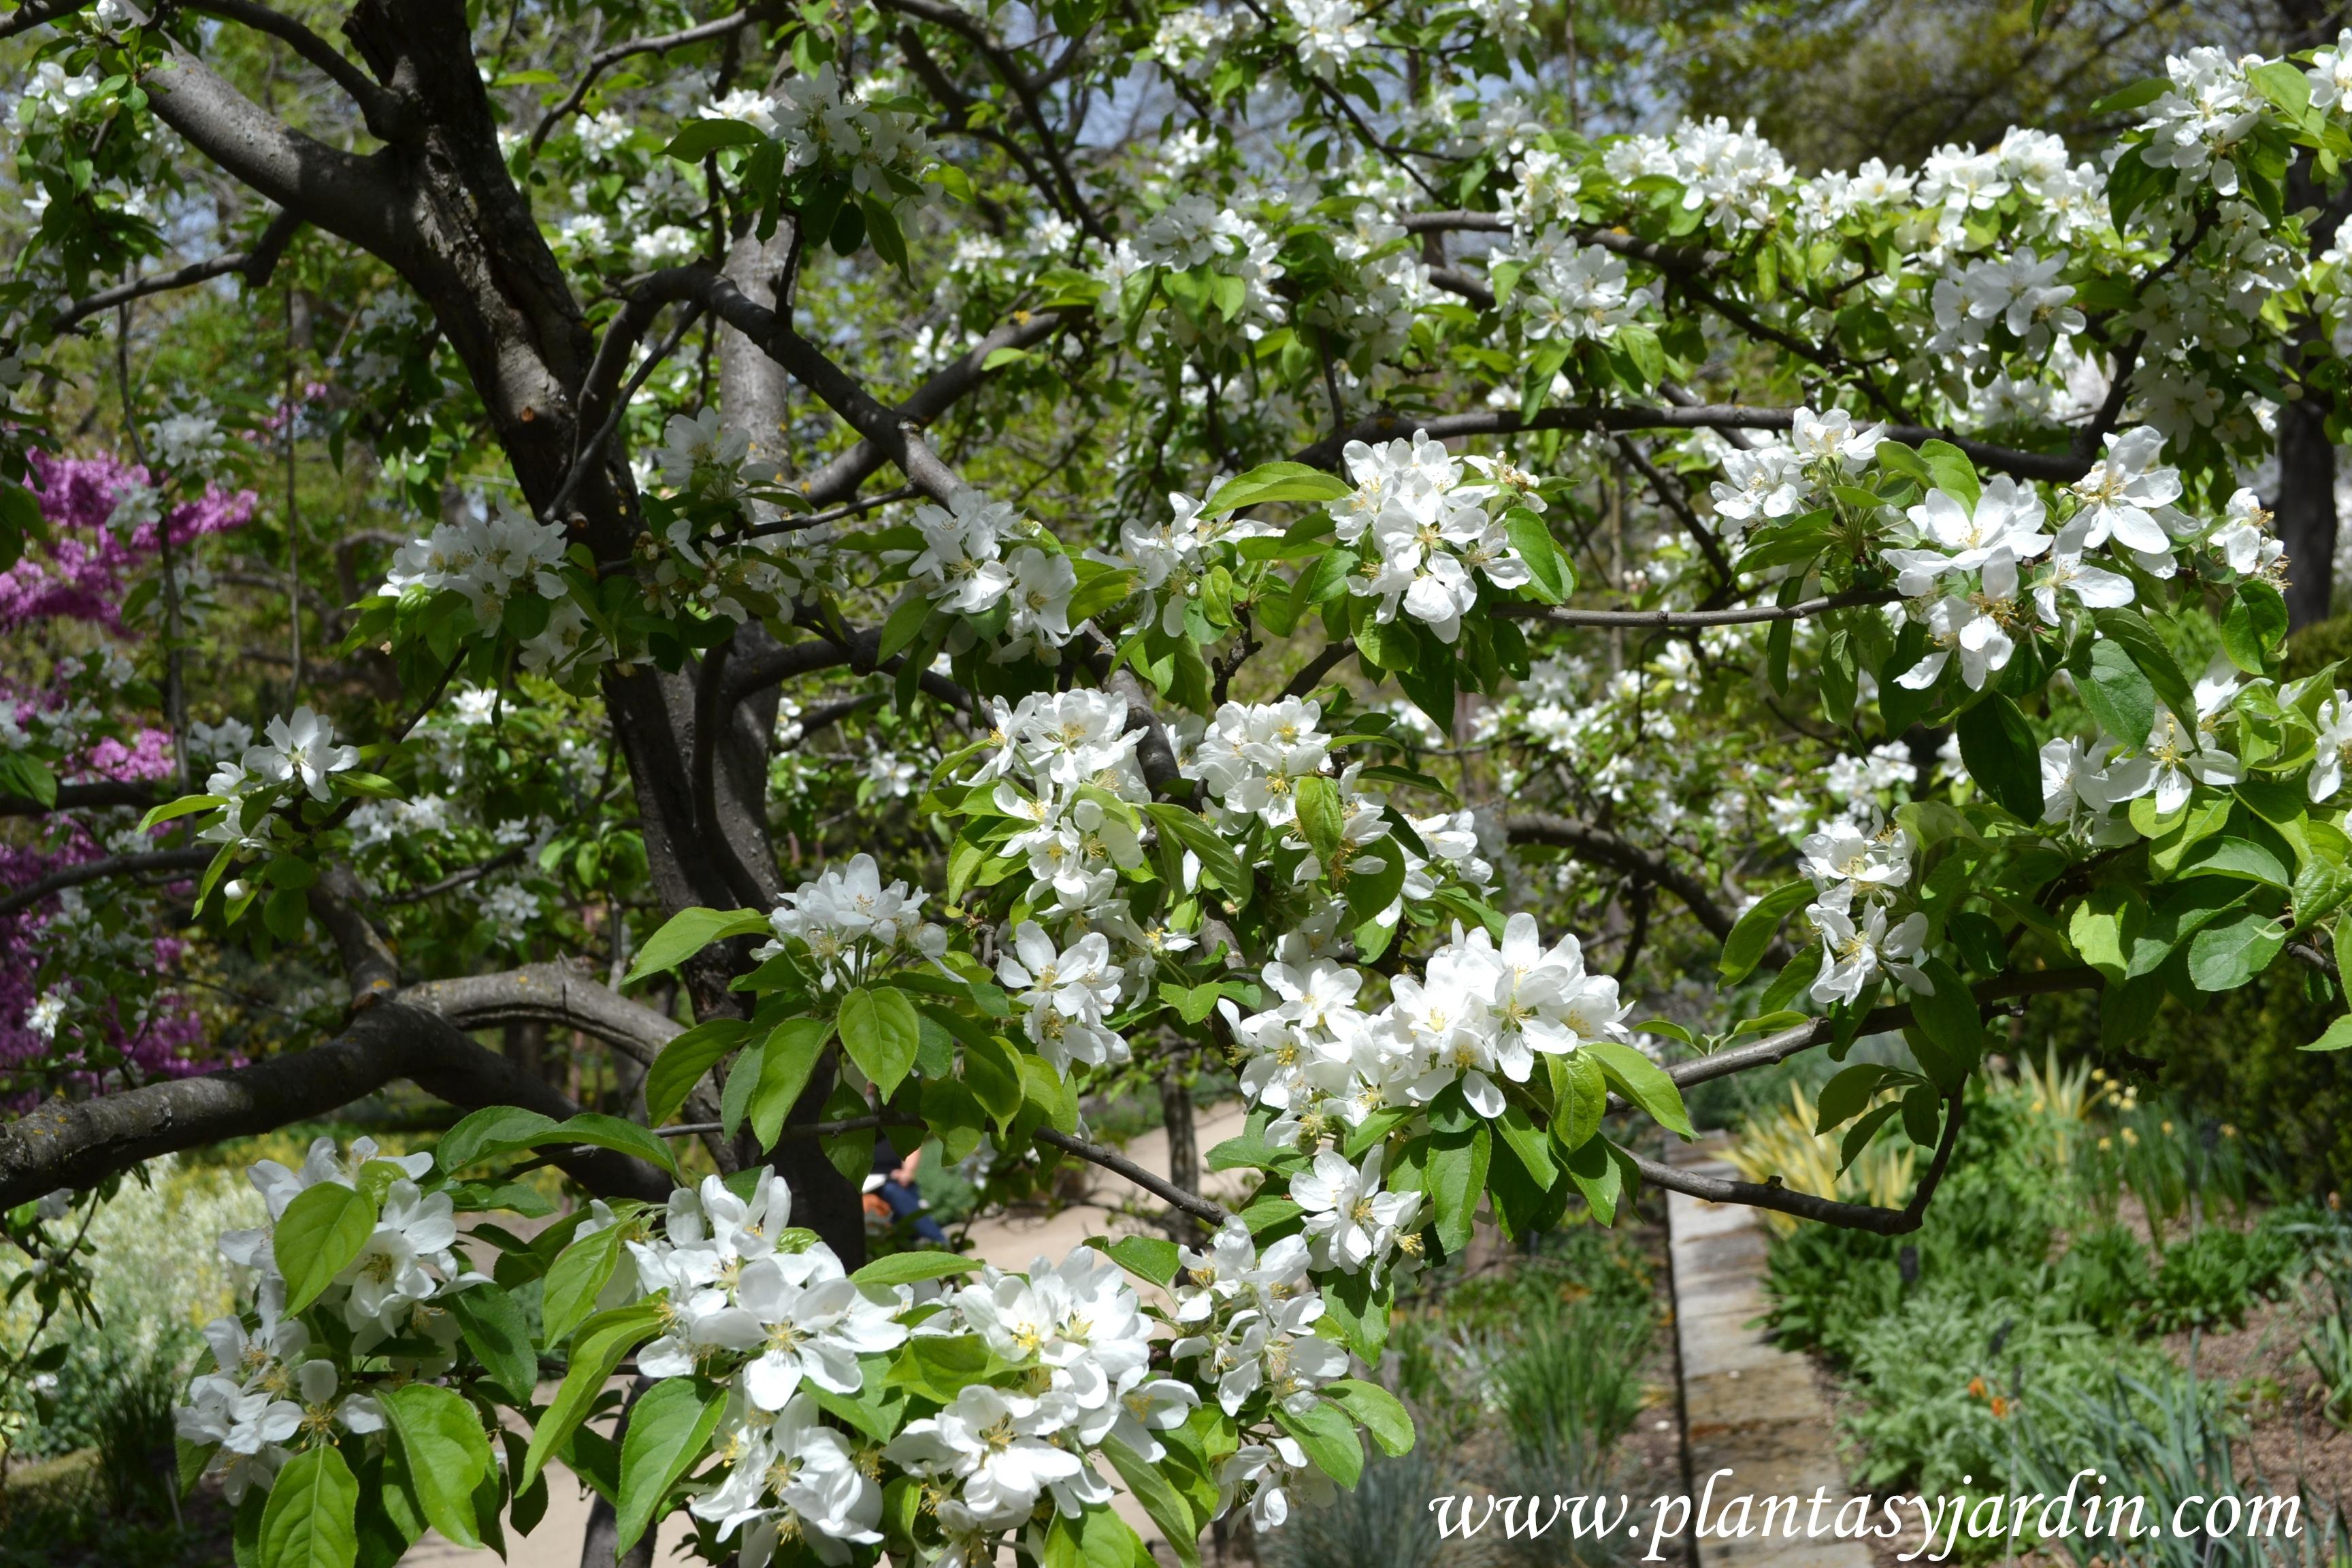 Rboles para jardines peque os plantas jard n - Arboles ornamentales para jardin ...